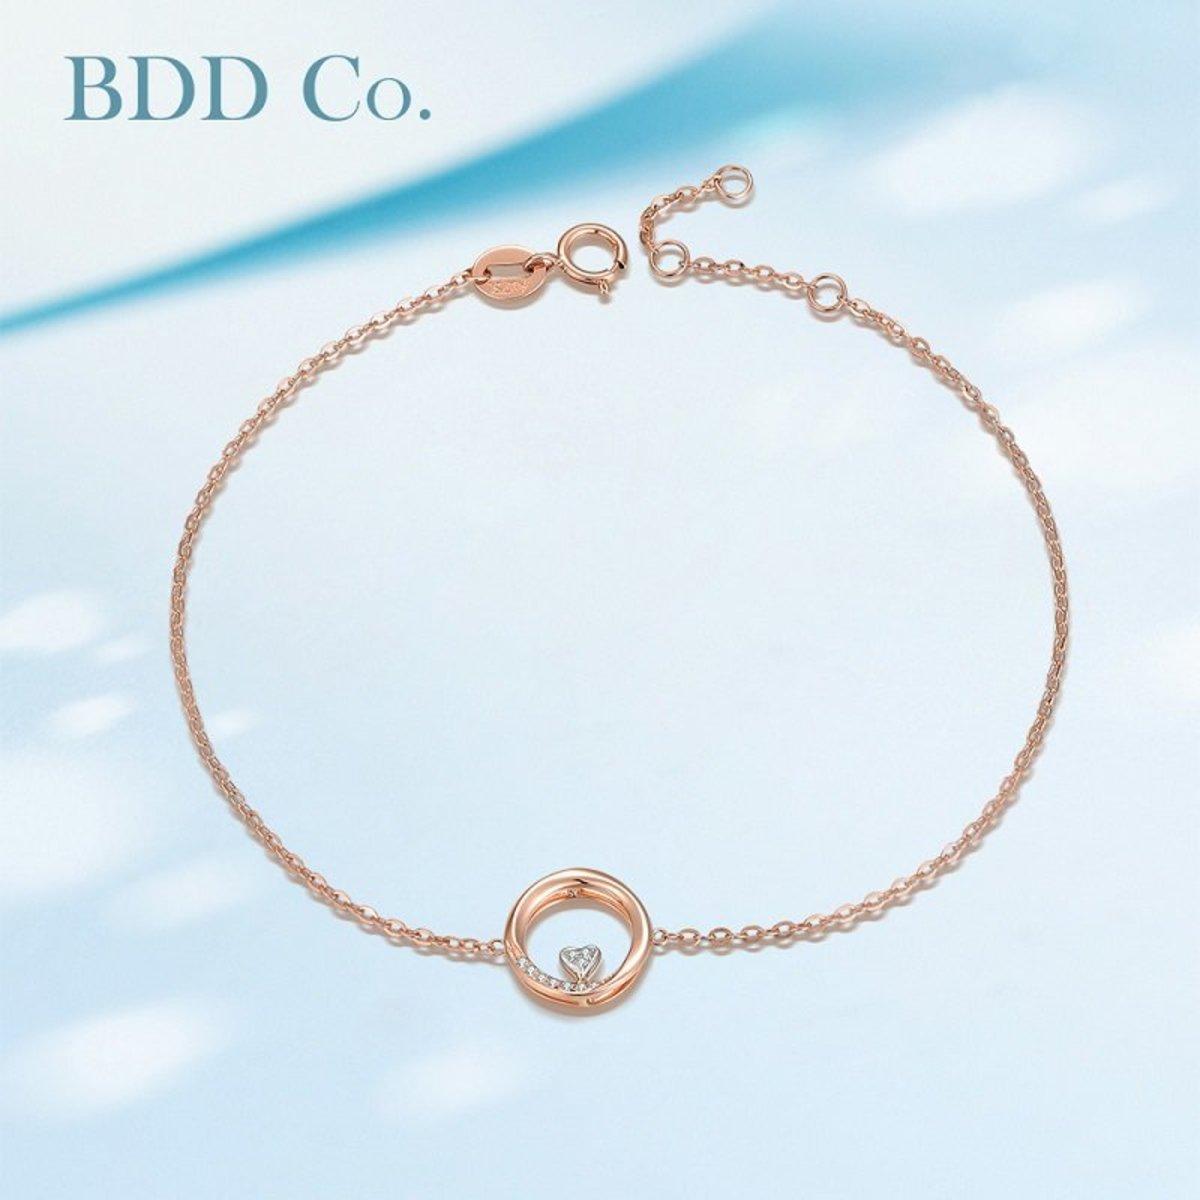 【BDD-Co.】18k玫瑰金 可愛心型鑽石手鏈